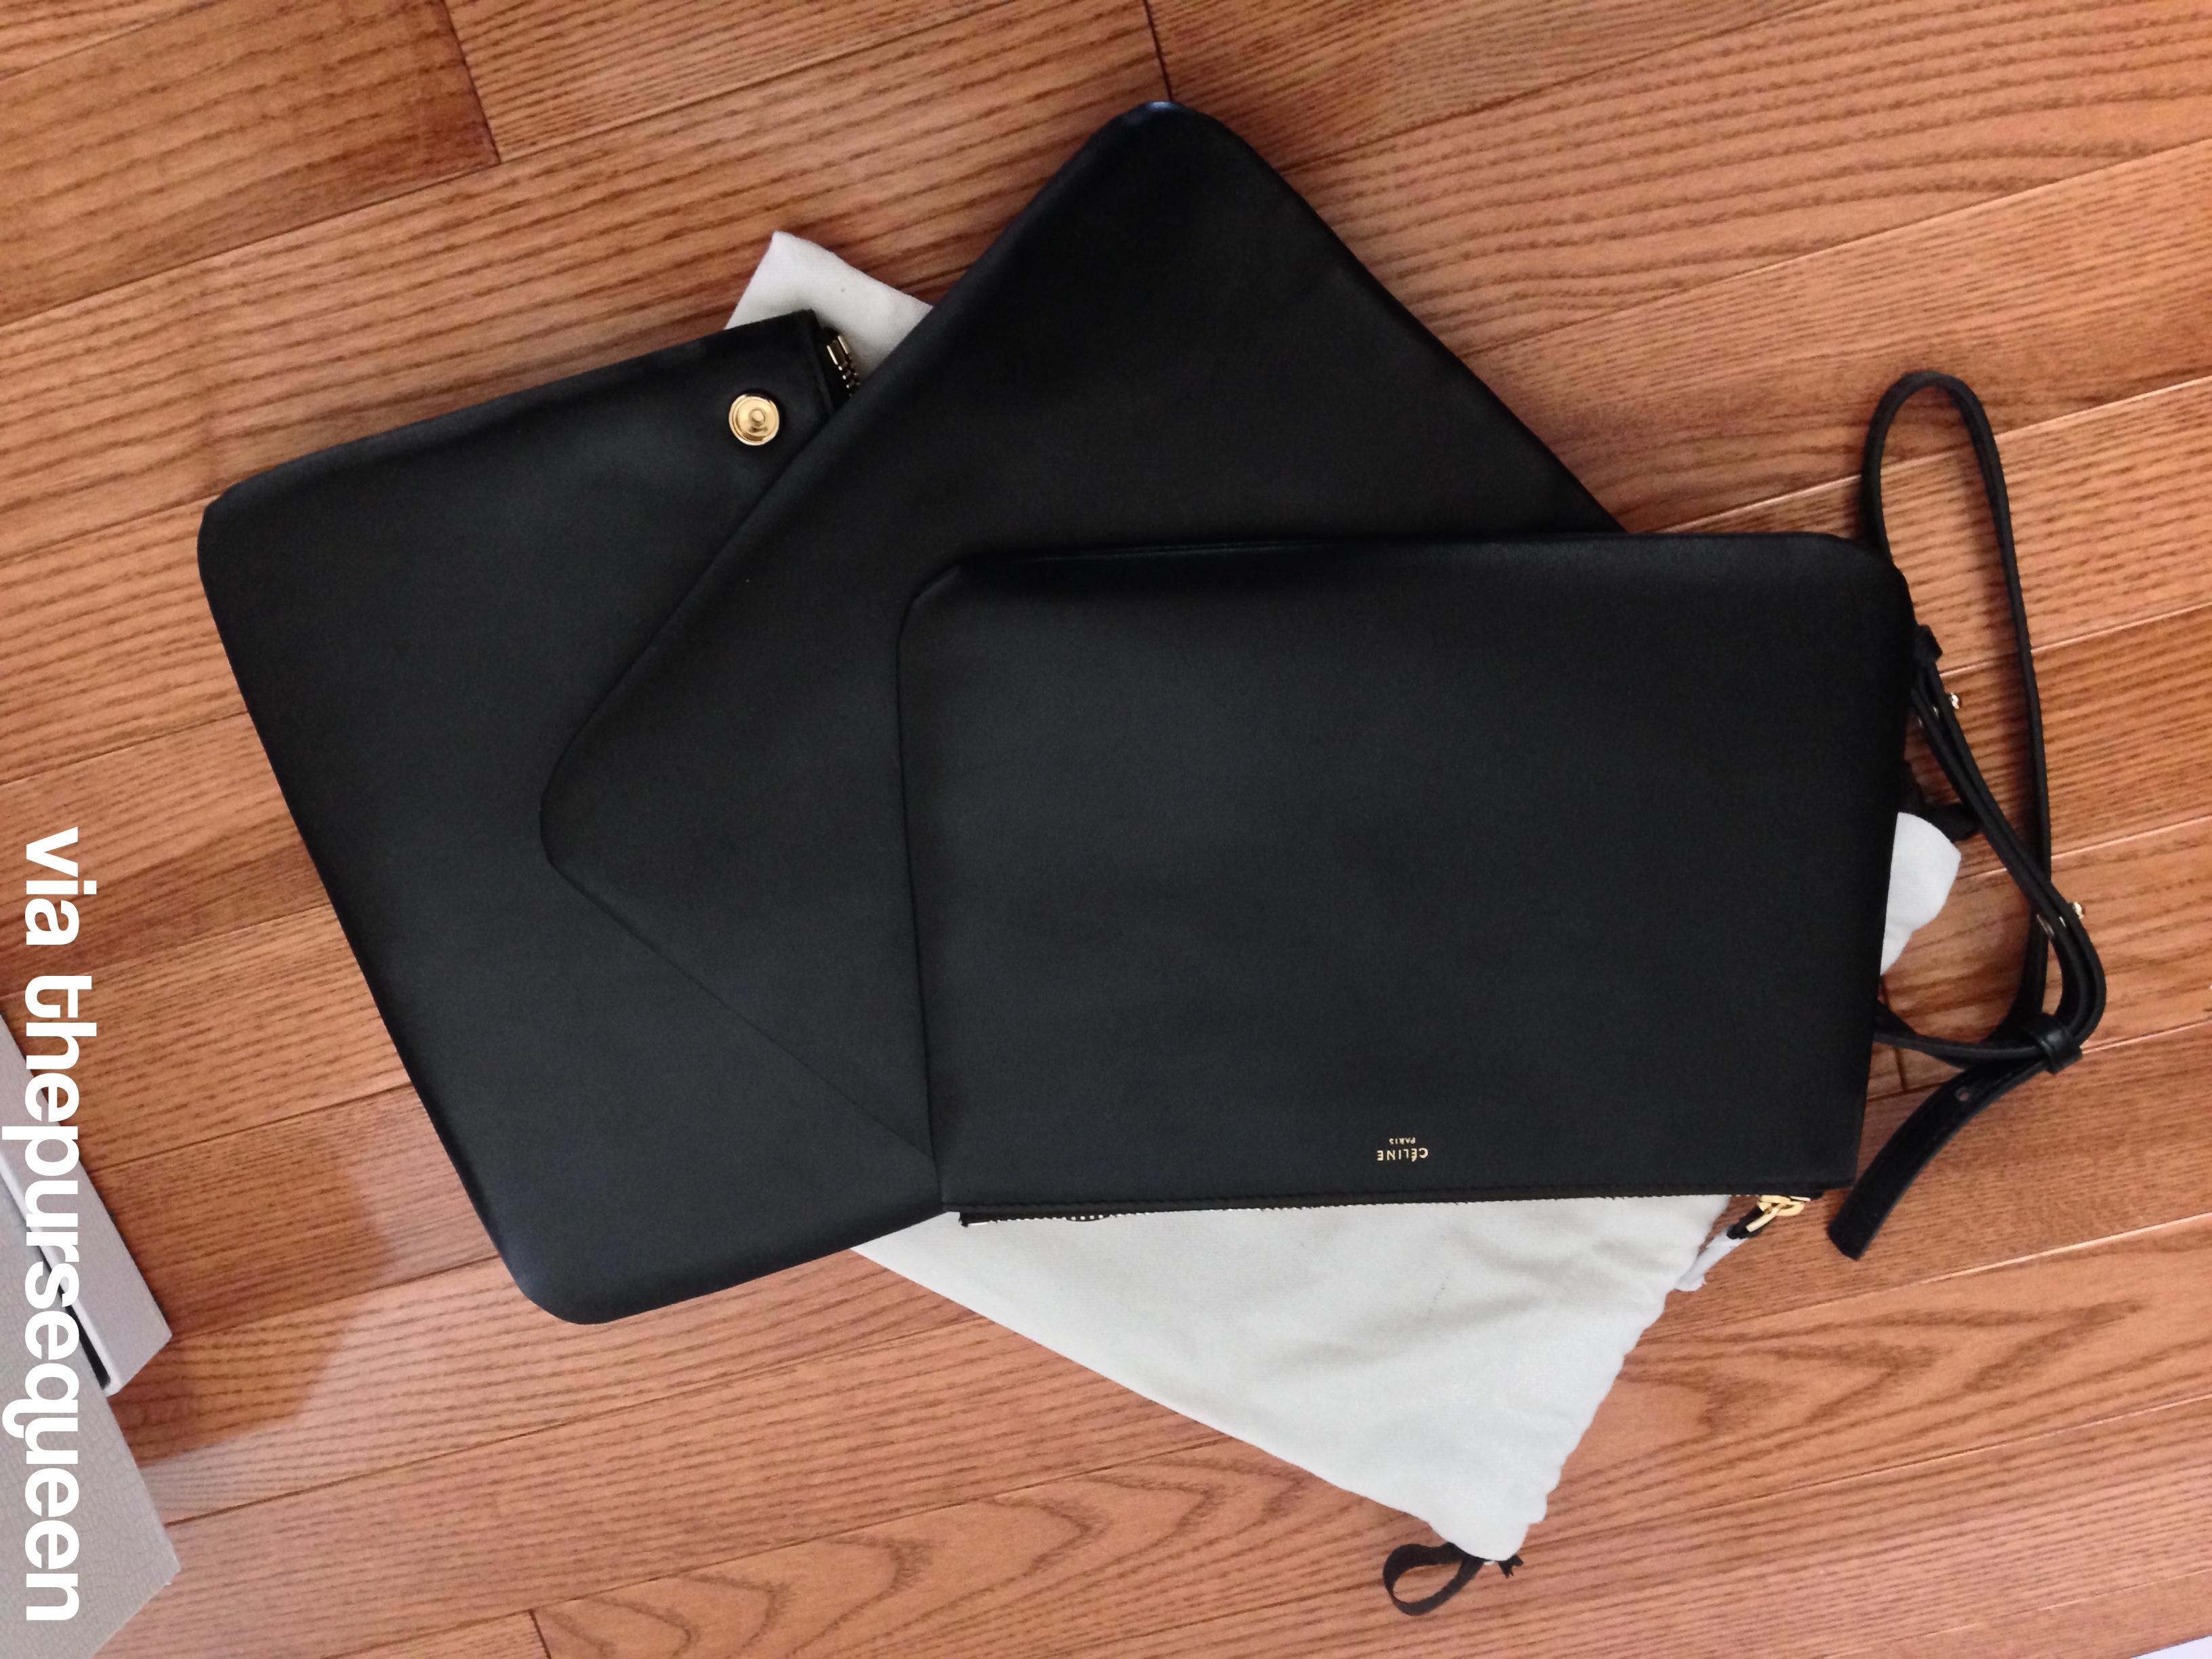 best replica celine handbags - Celine �C Authentic & Replica Bags & Replica Handbags Reviews by ...